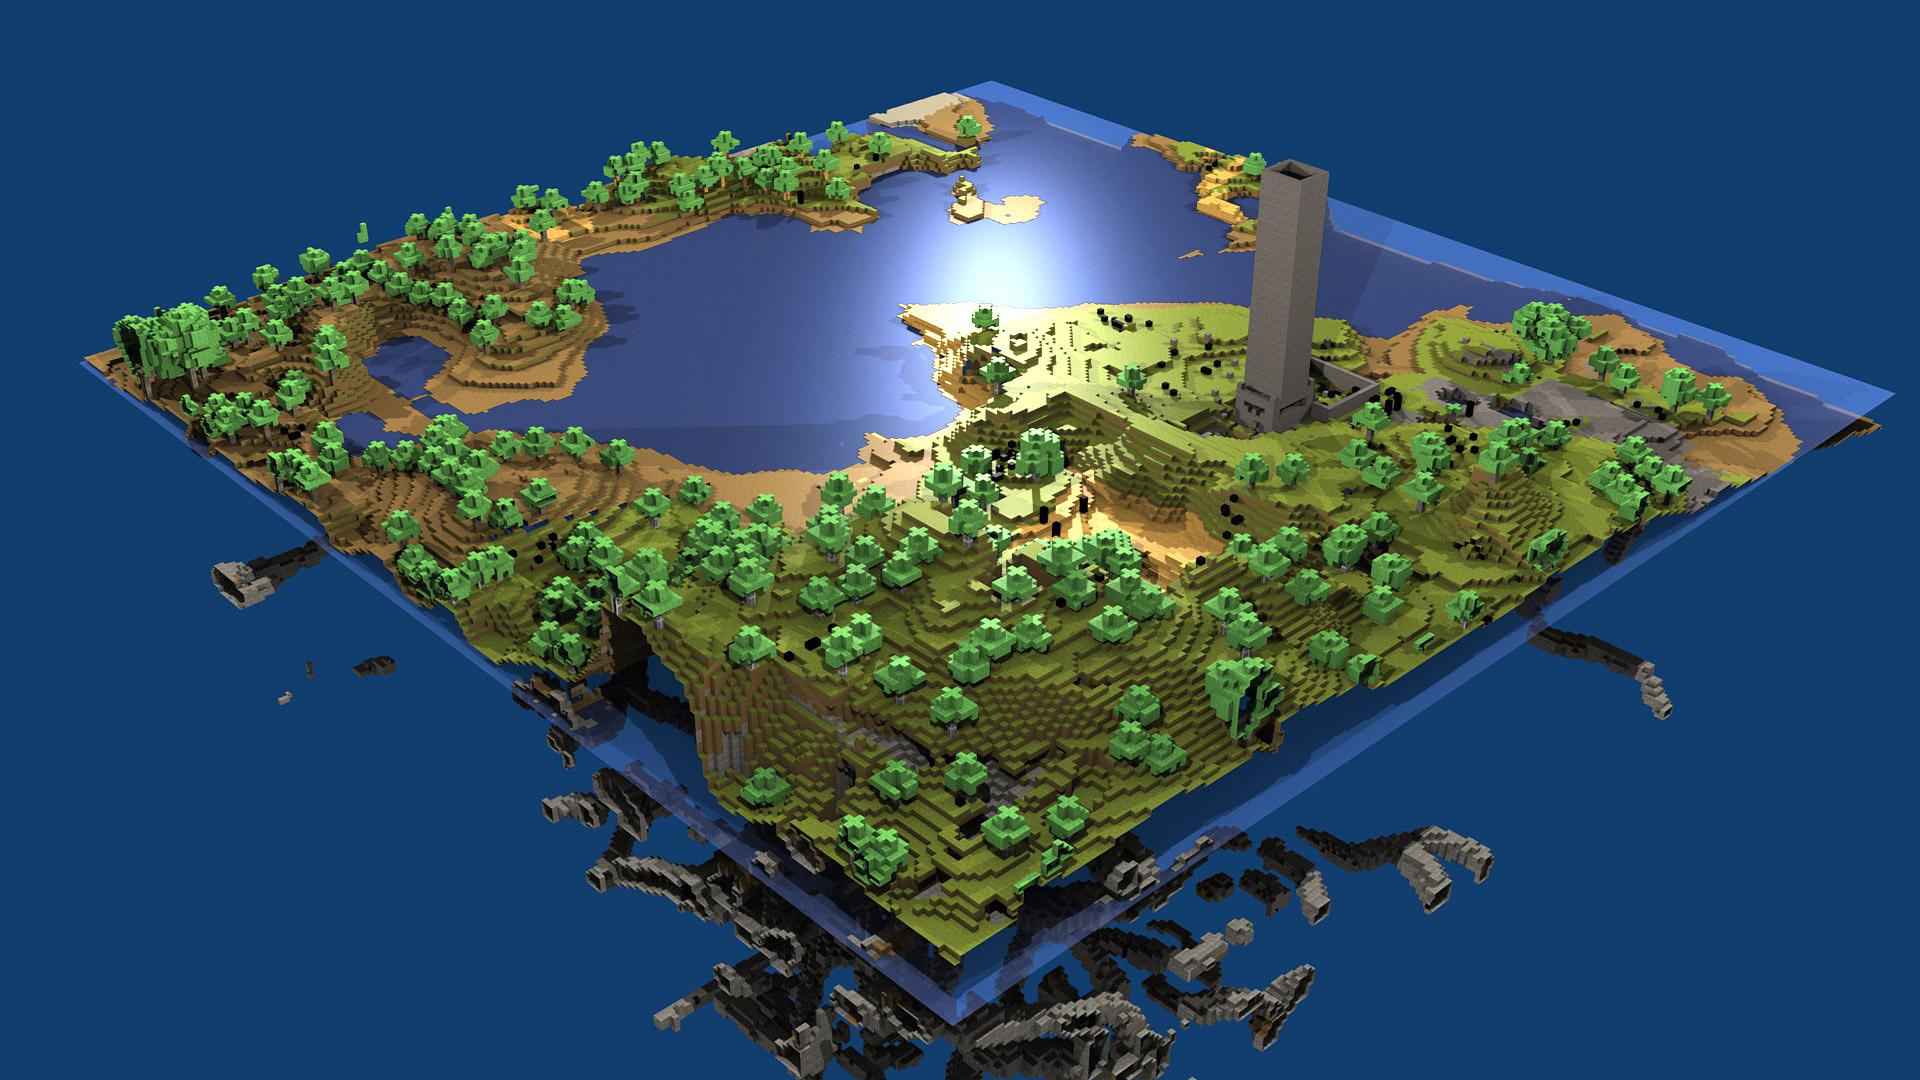 Minecraft Server Erstellen Mit PortFreigabe So Funktionierts - Minecraft spiele ohne plugin